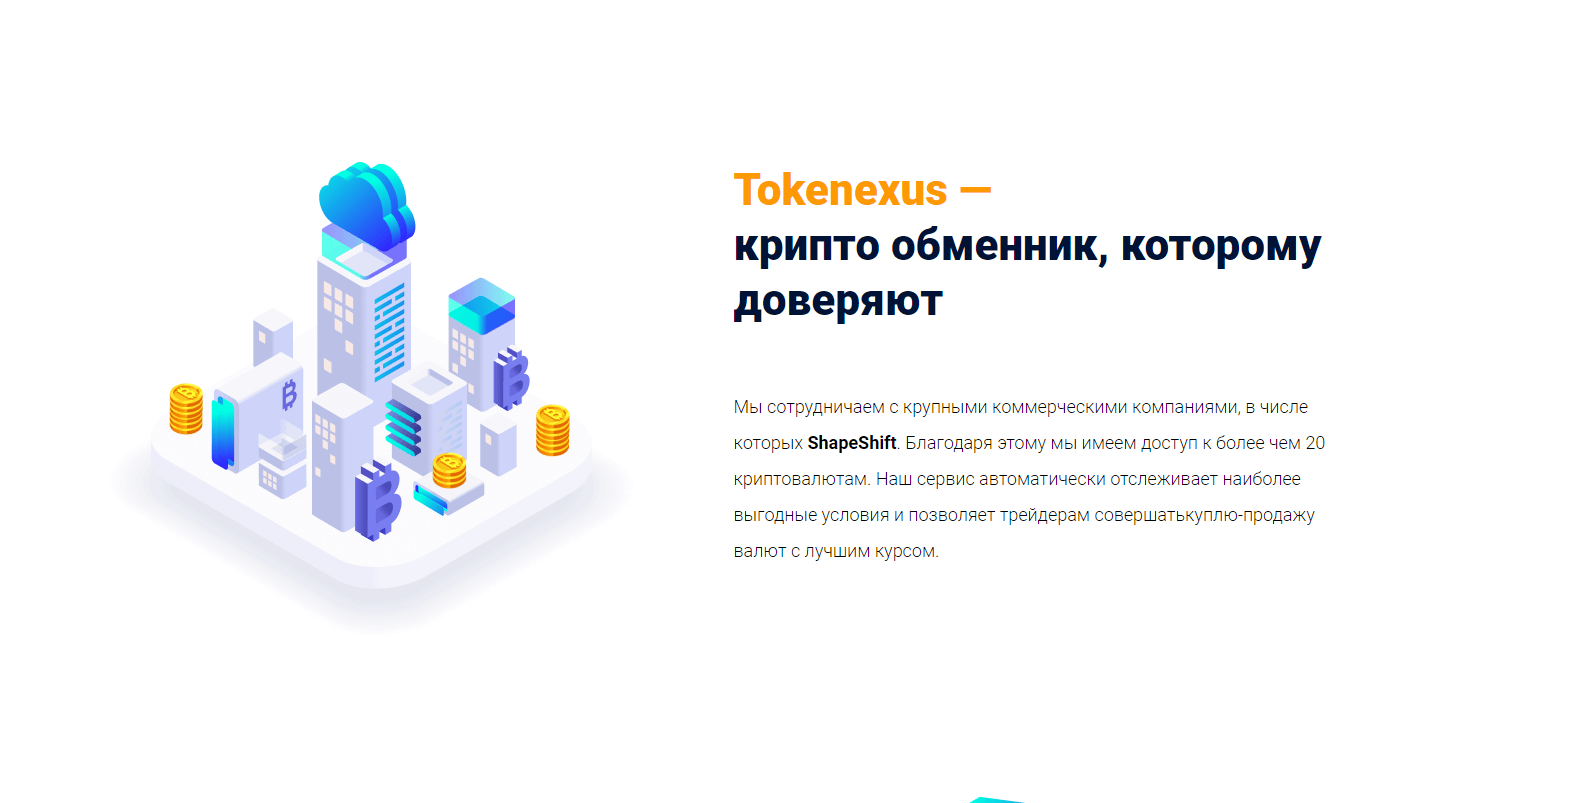 Криптообменник Tokenexus: как купить или продать криптовалюту